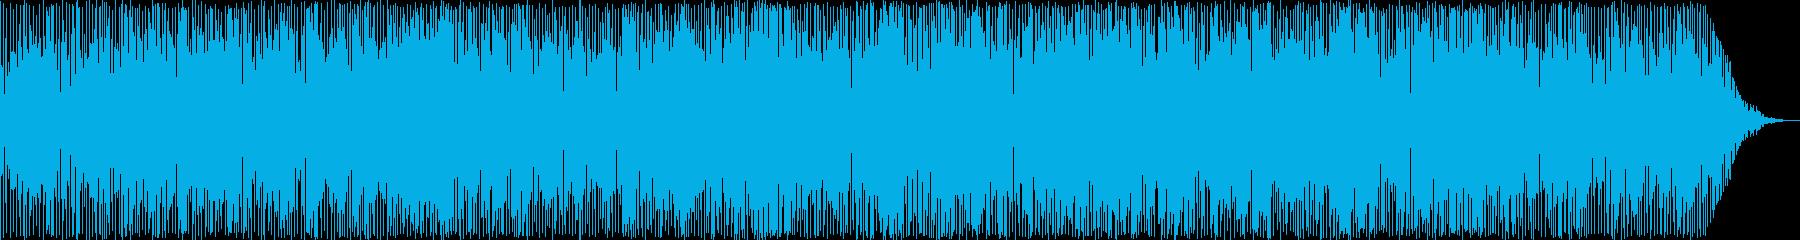 日常の明るい休日のお昼のイメージの楽曲の再生済みの波形